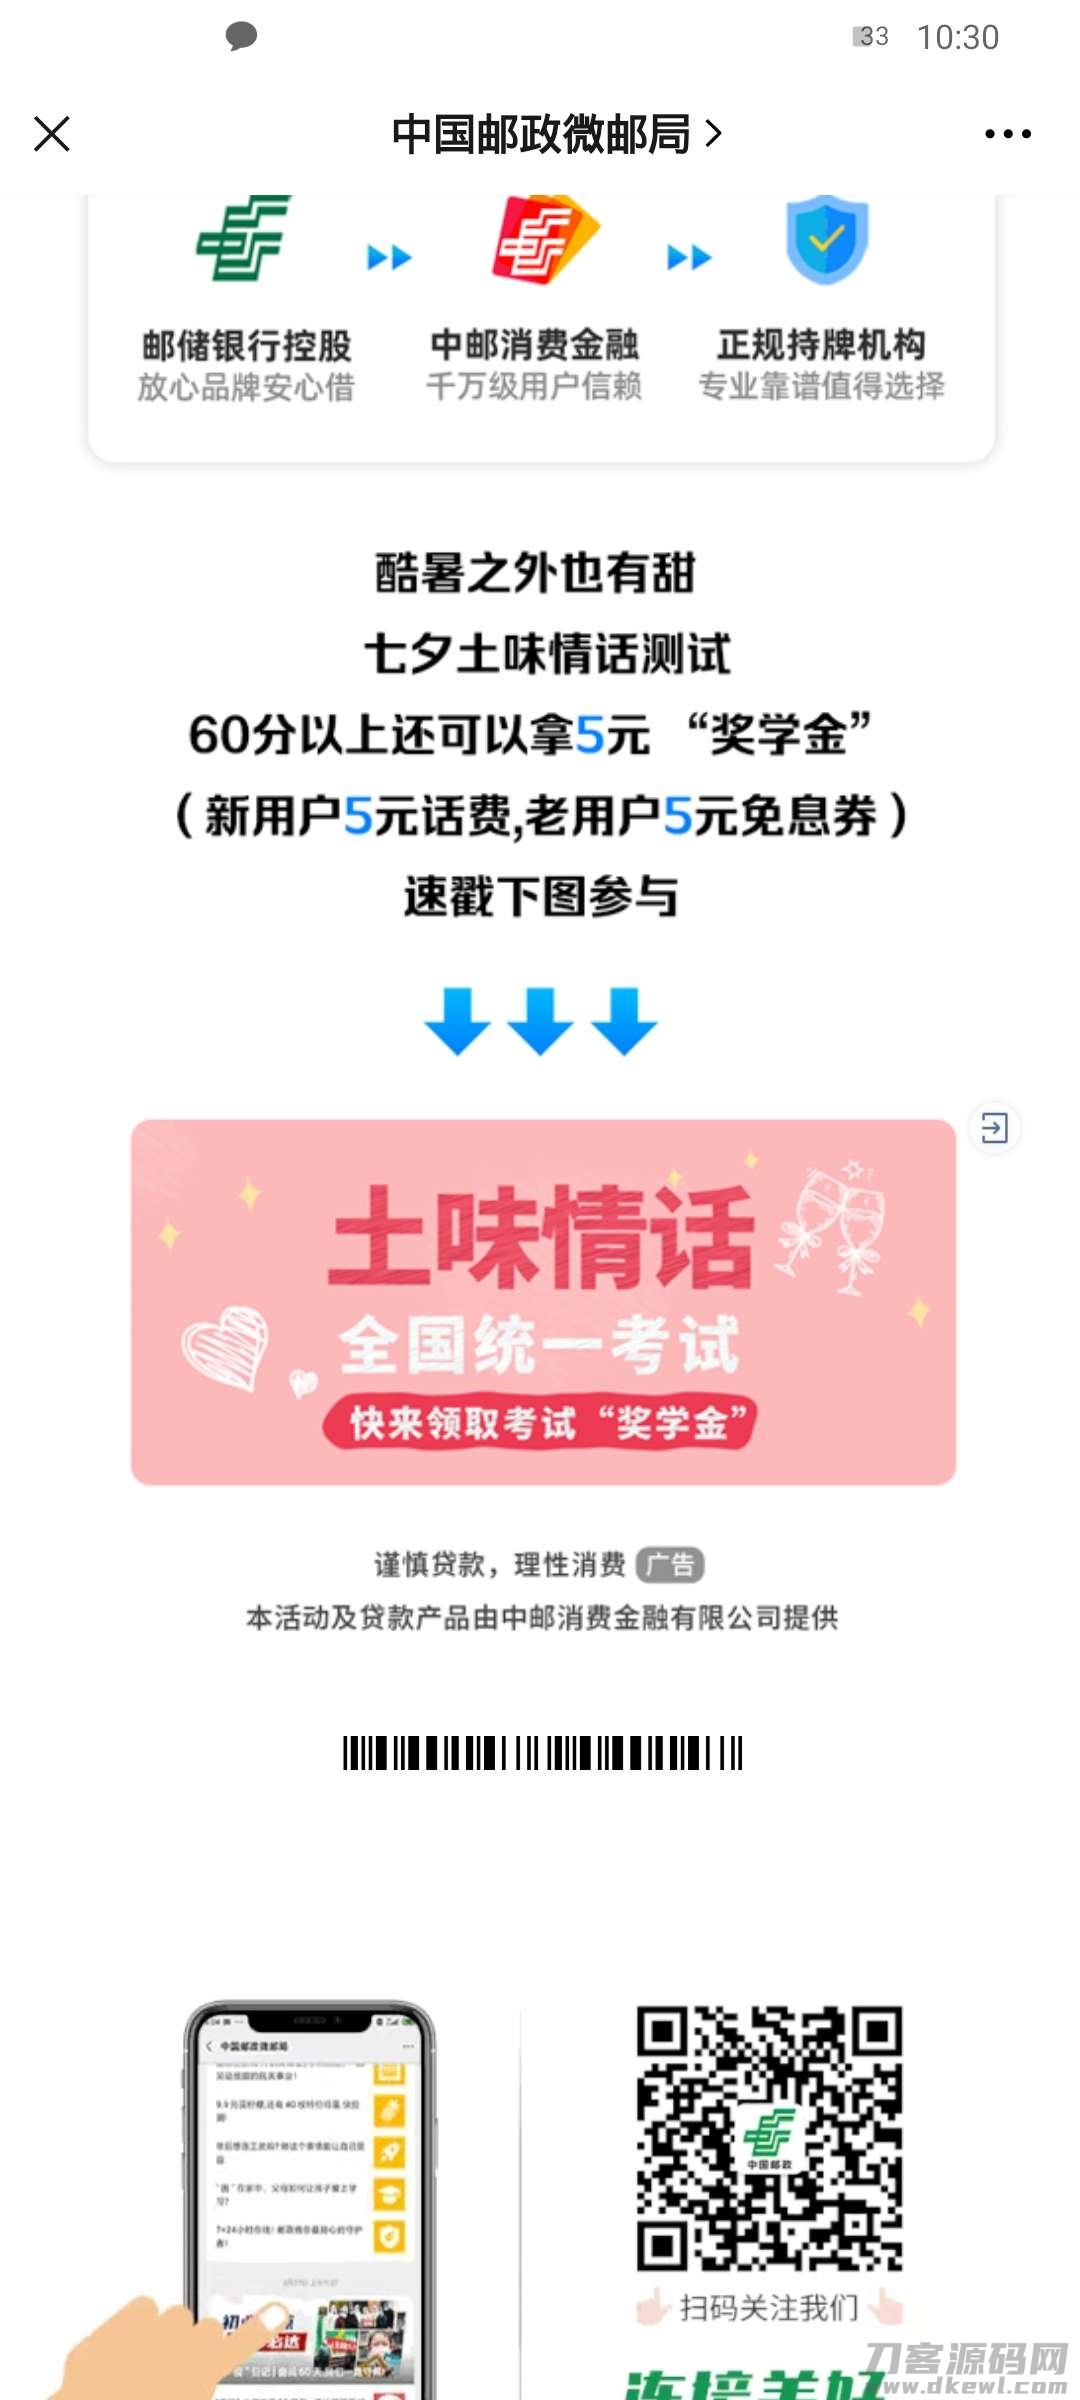 【话费流量】中国邮政收取5元话费插图